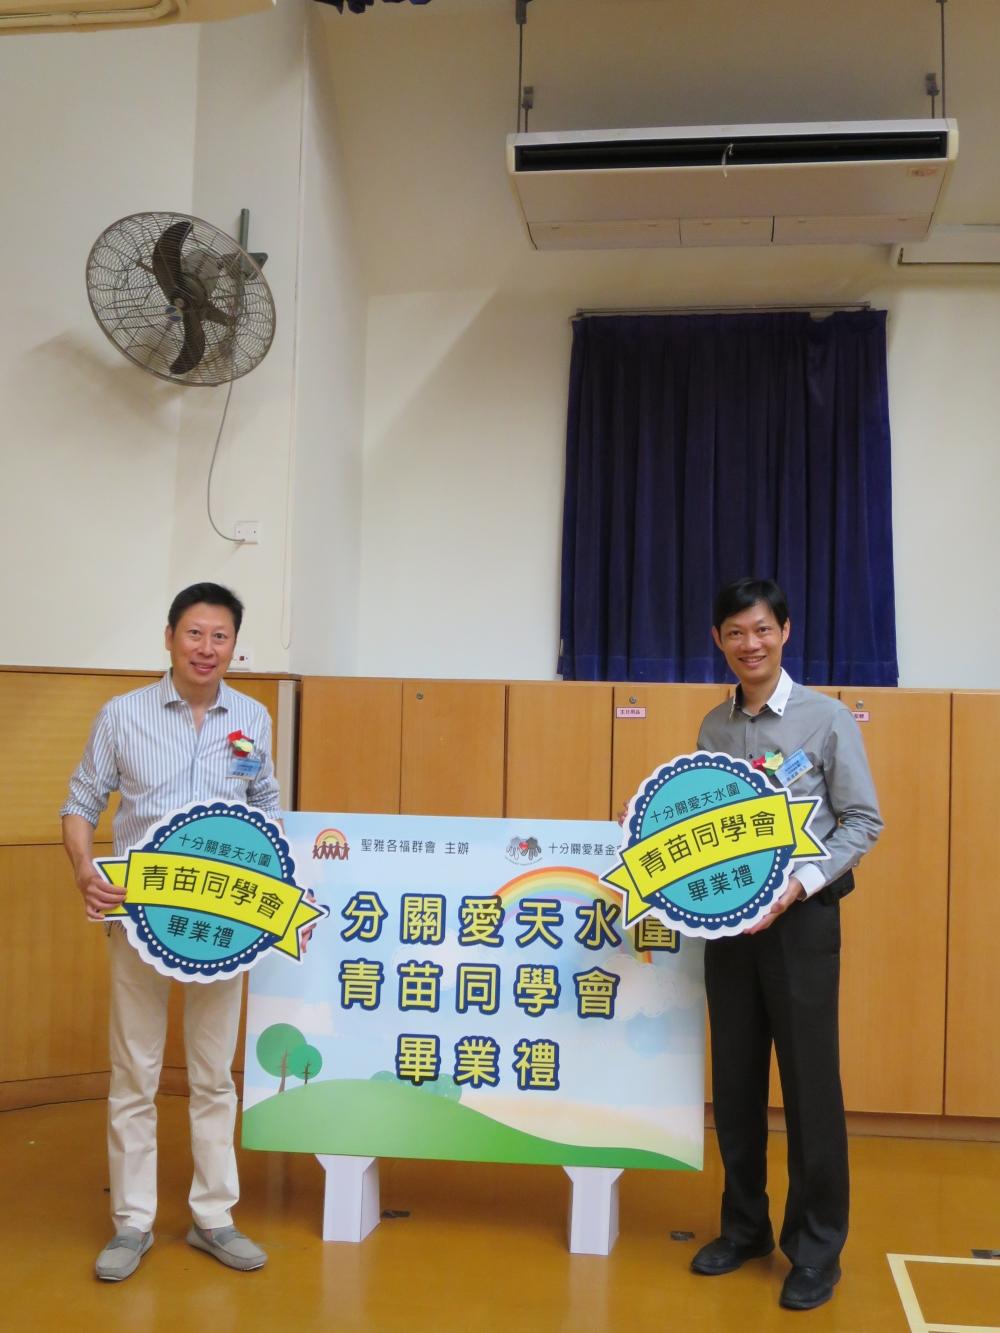 蘇國豪主席(左)與聖雅各福群會張達昌高級經理合照